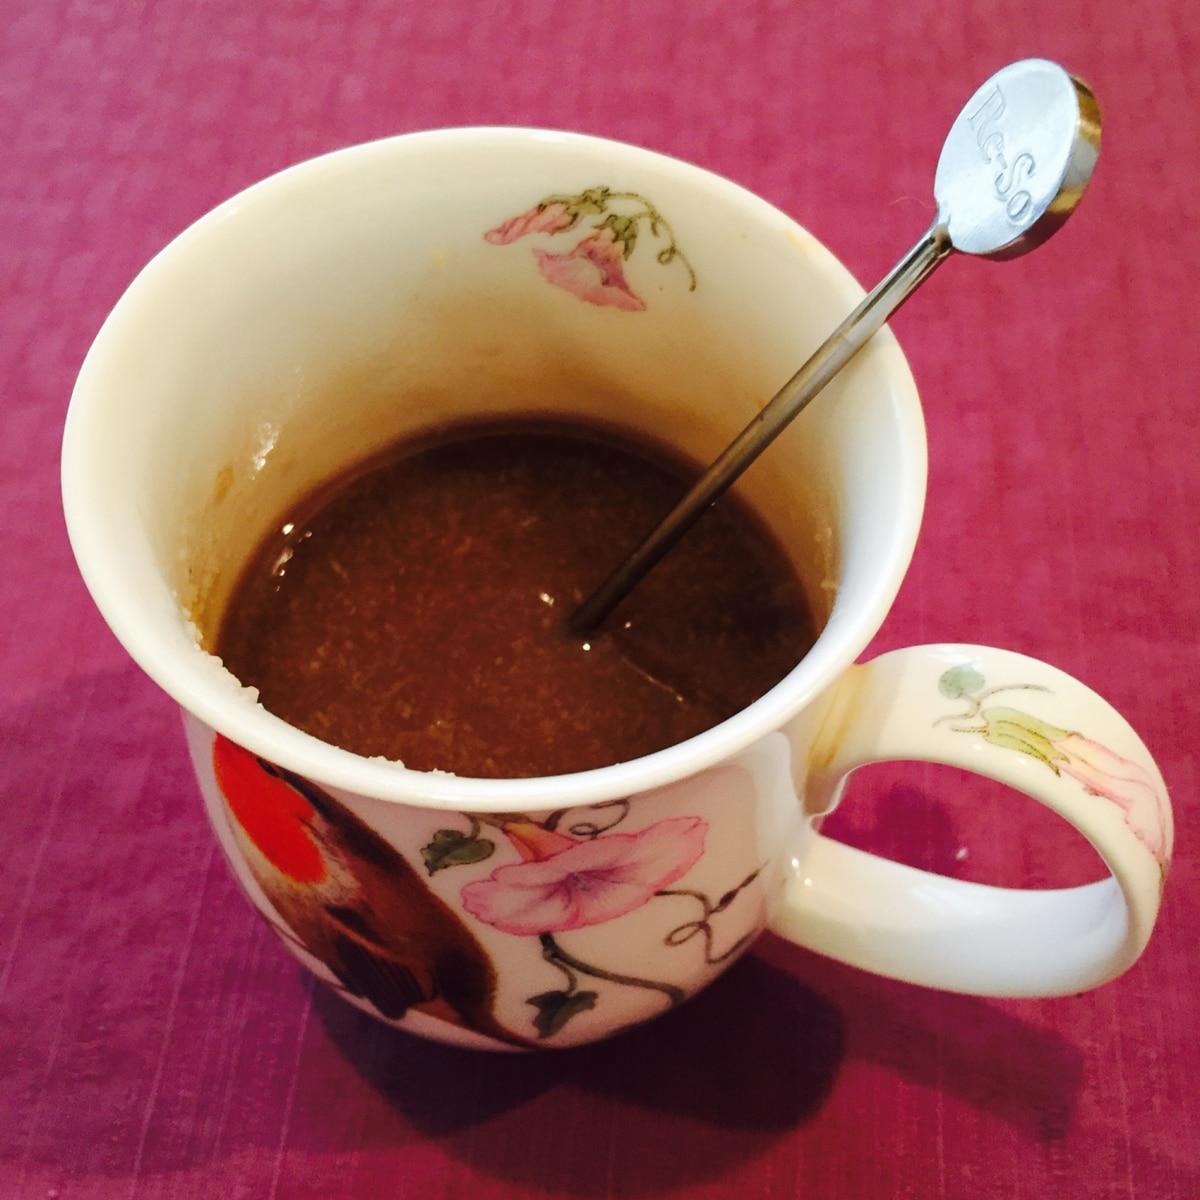 止め コーヒー 咳